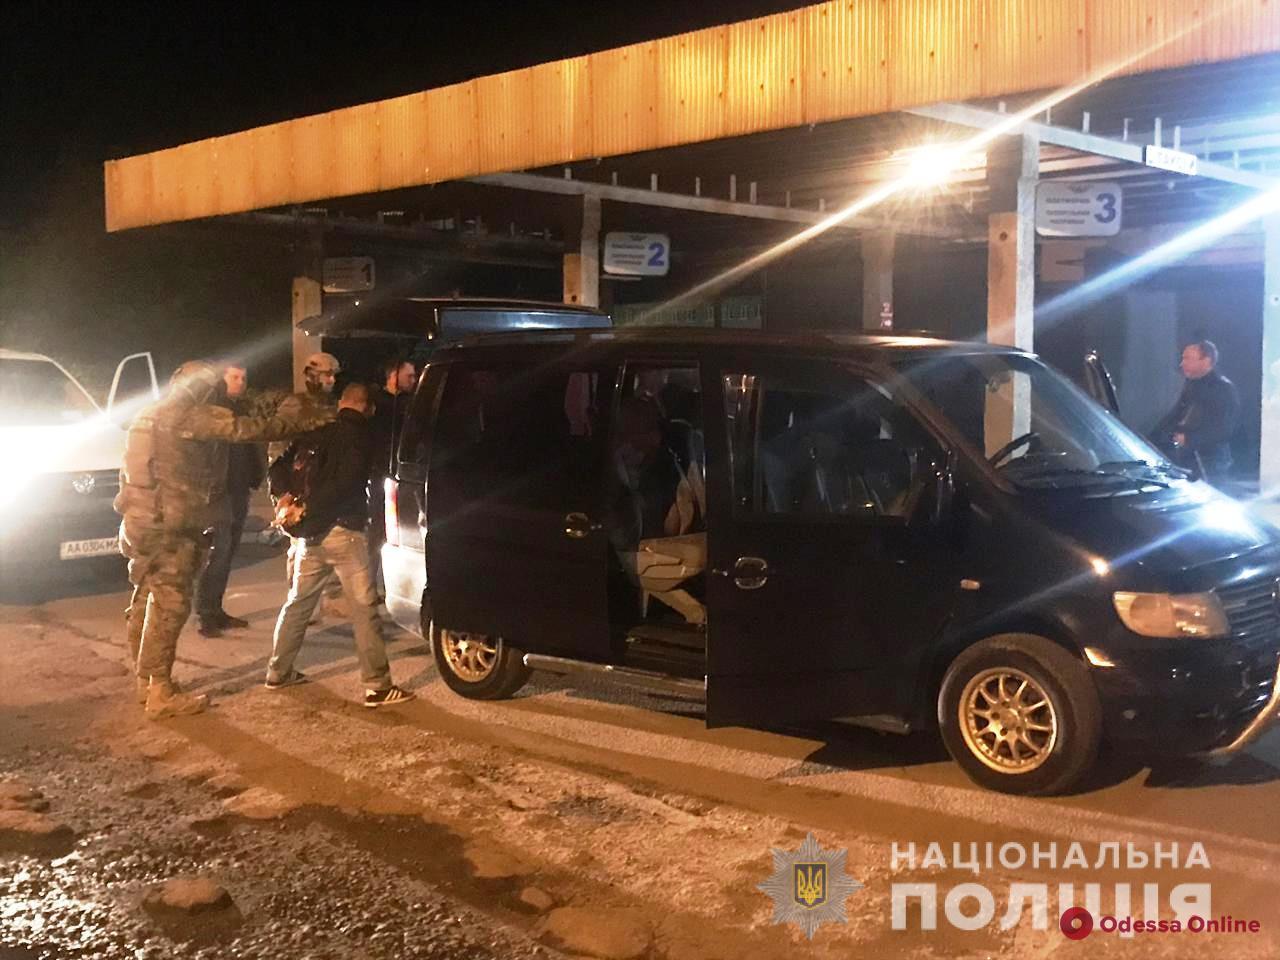 Одесские правоохранители поймали двух вербовщиков проституток